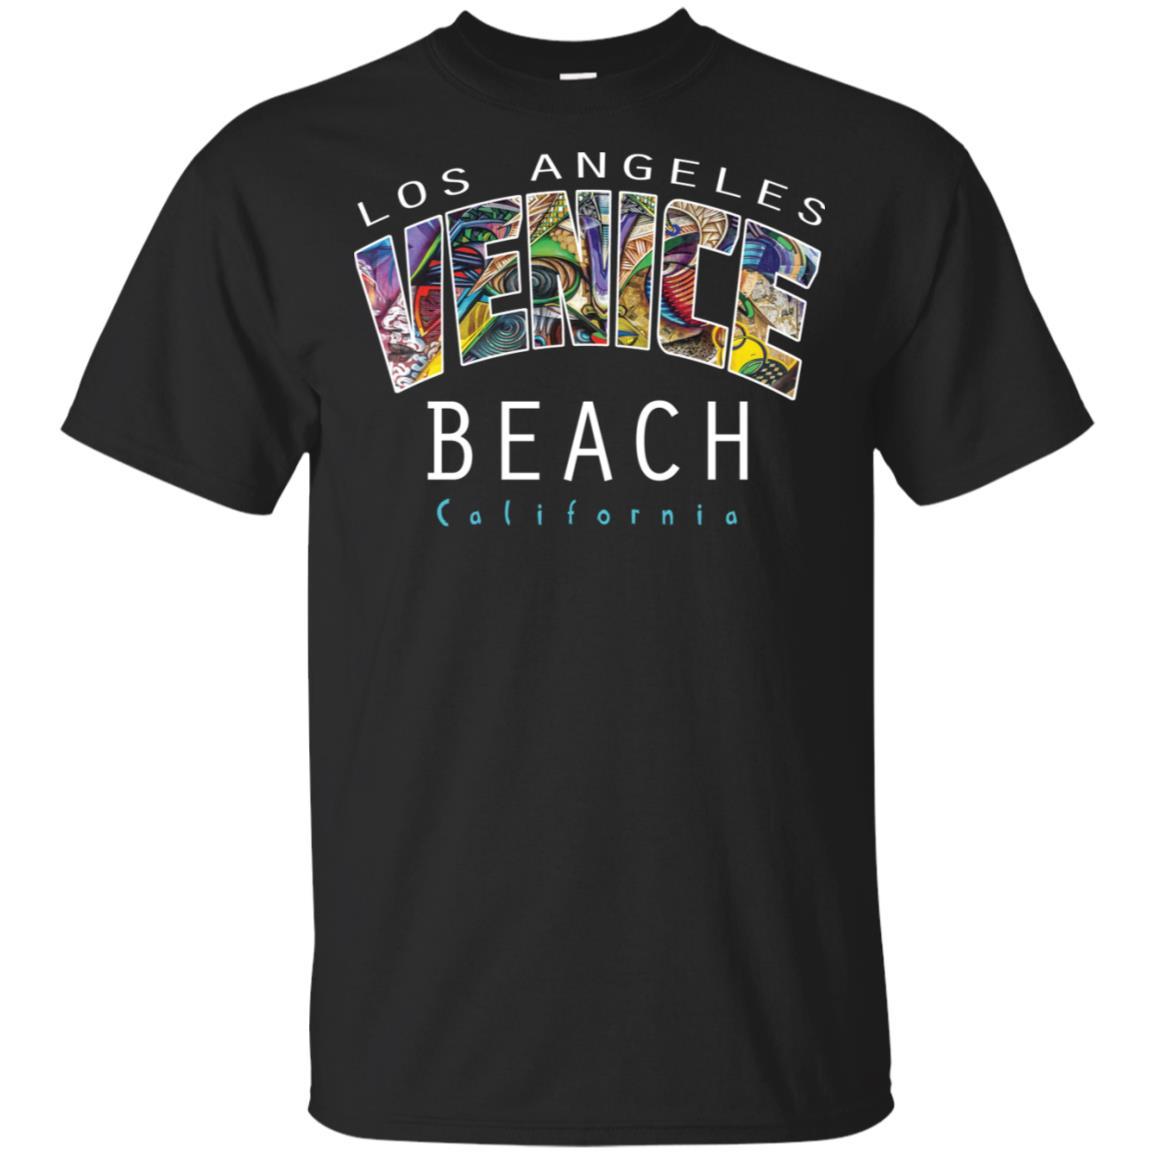 Venice Beach Graffiti Art La California Unisex Short Sleeve